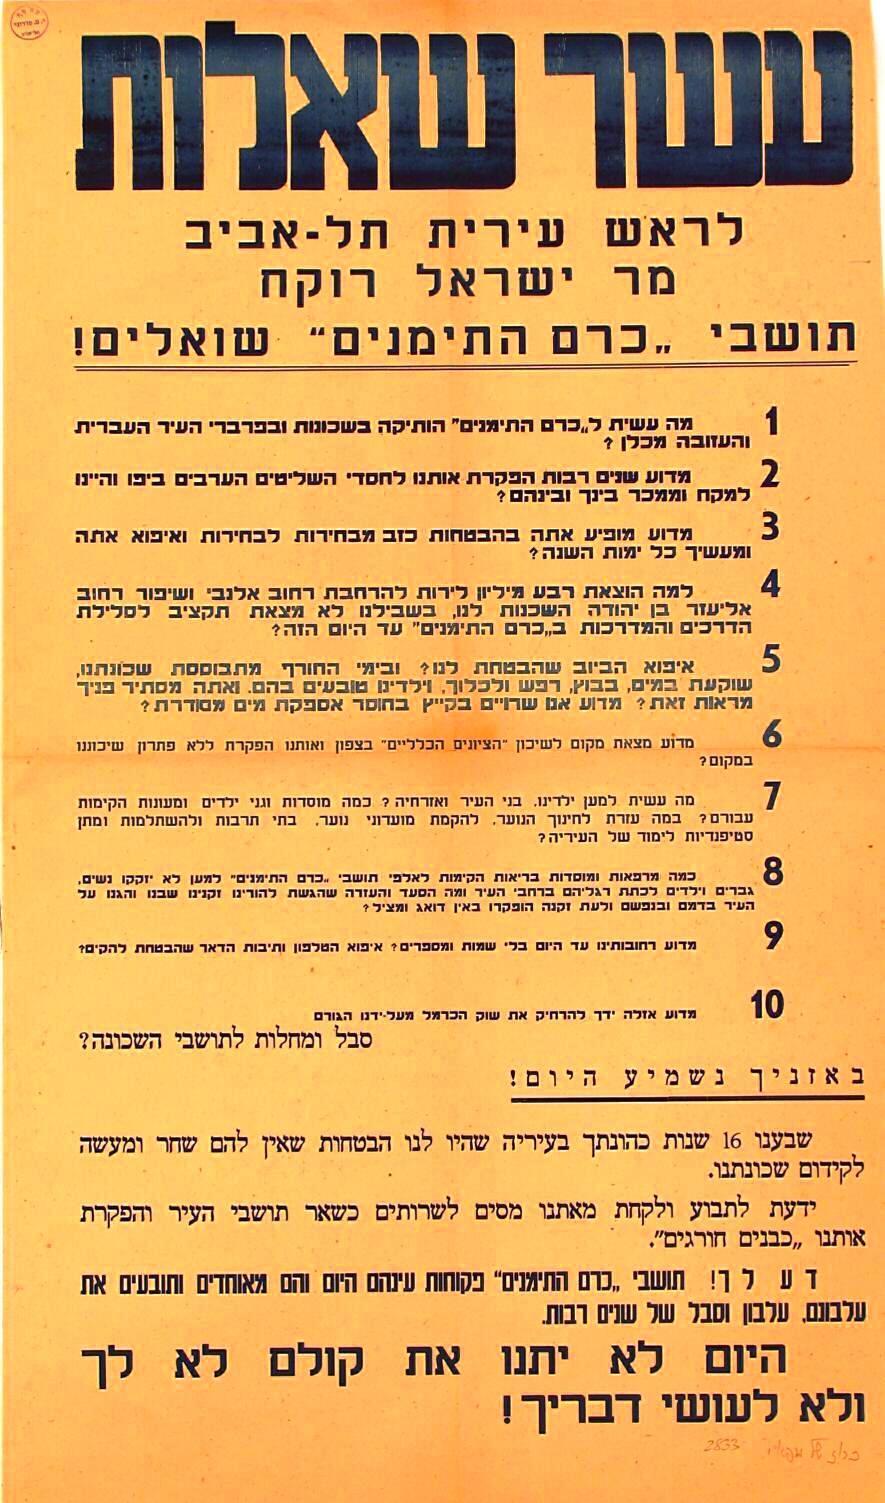 כרזת מחאה מ1952. מקור: הארכיון הציוני המרכזי